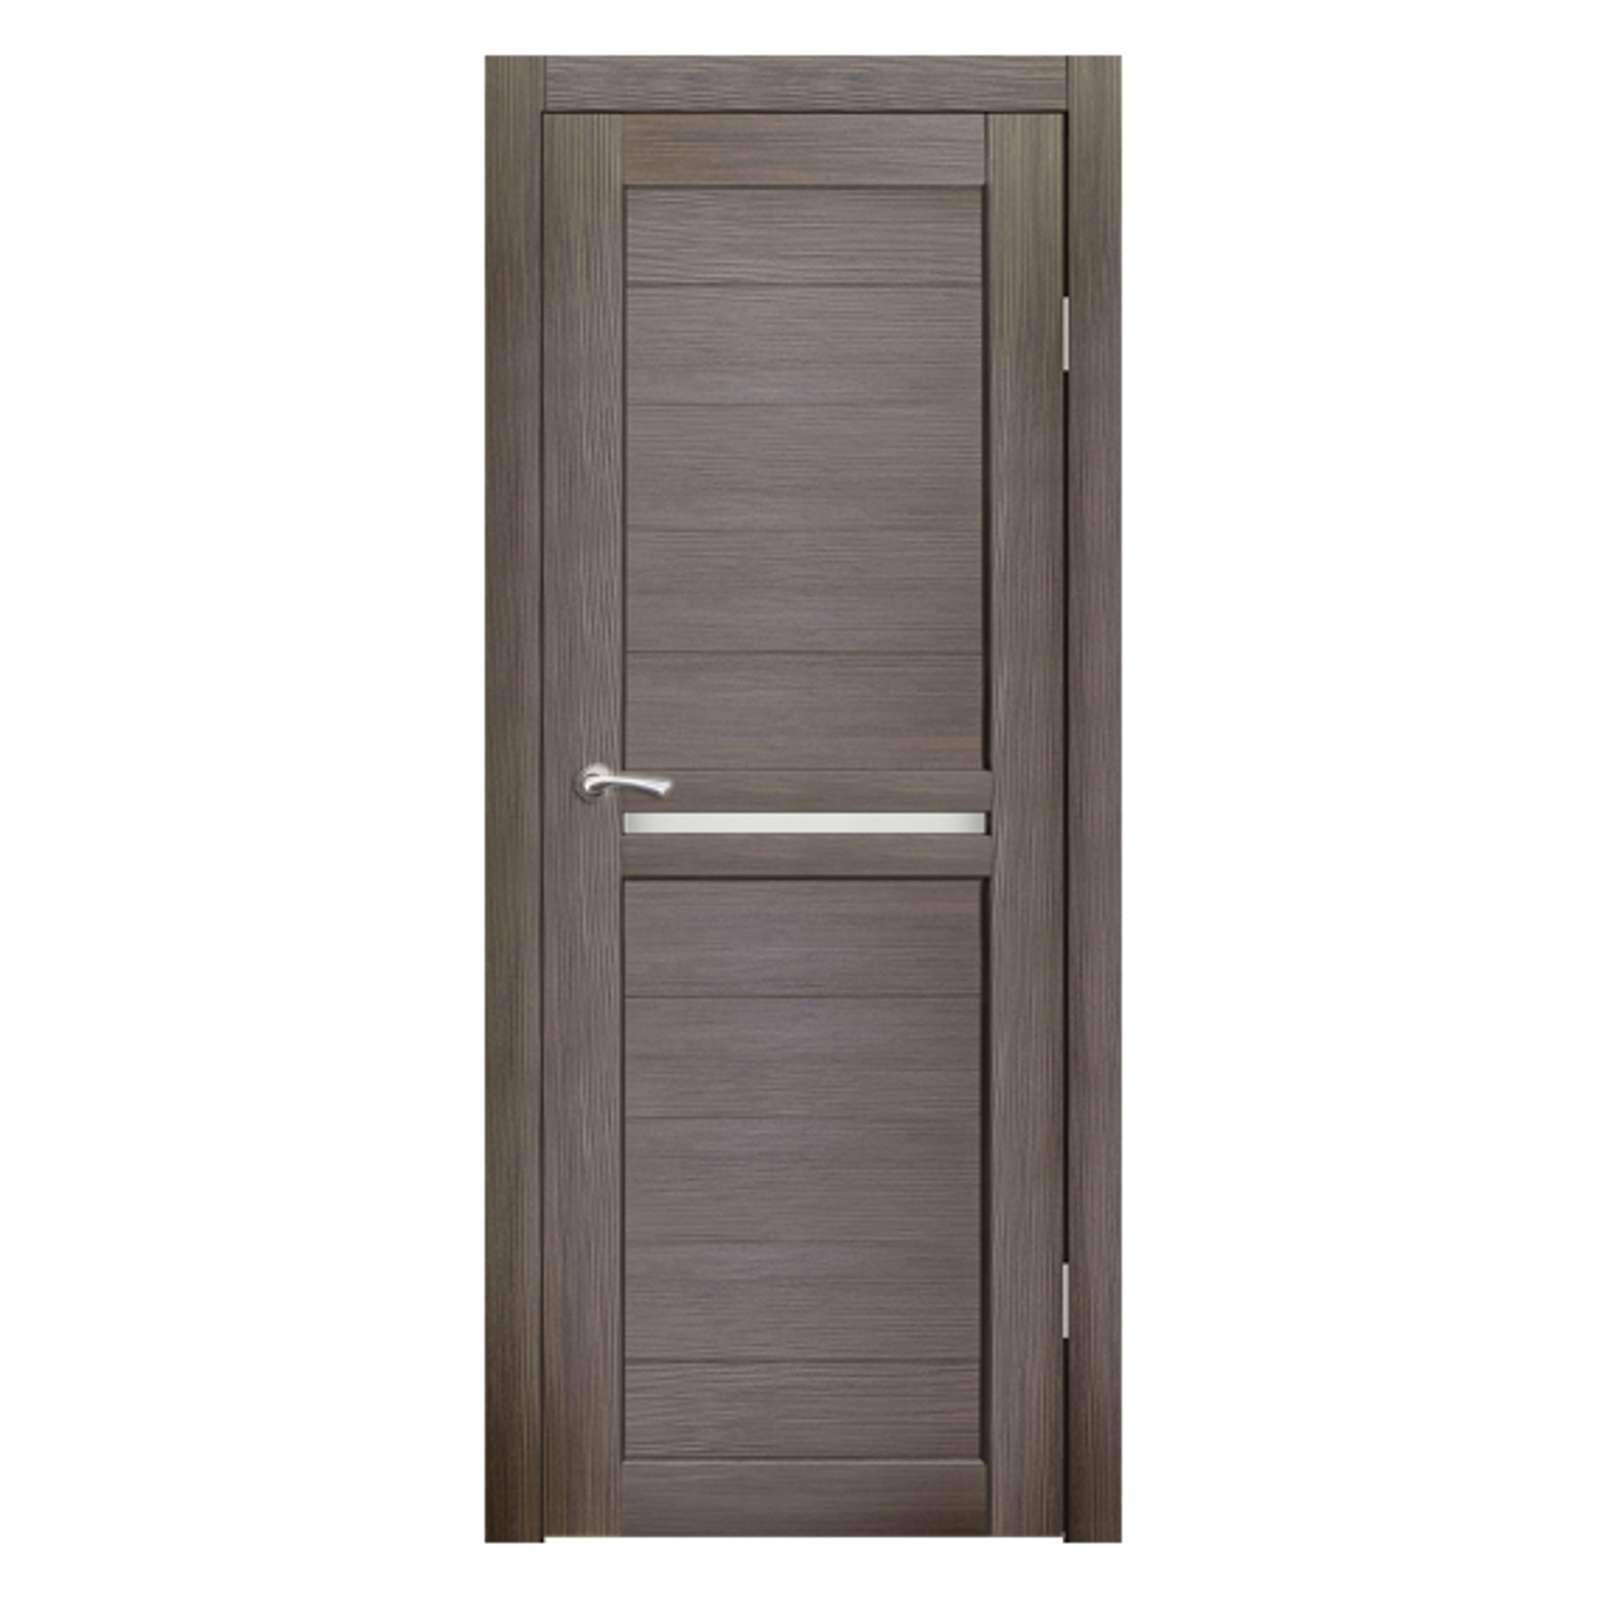 Дверное полотно Синержи Лацио, Акация темная, ПДГ 600Х2000ММ